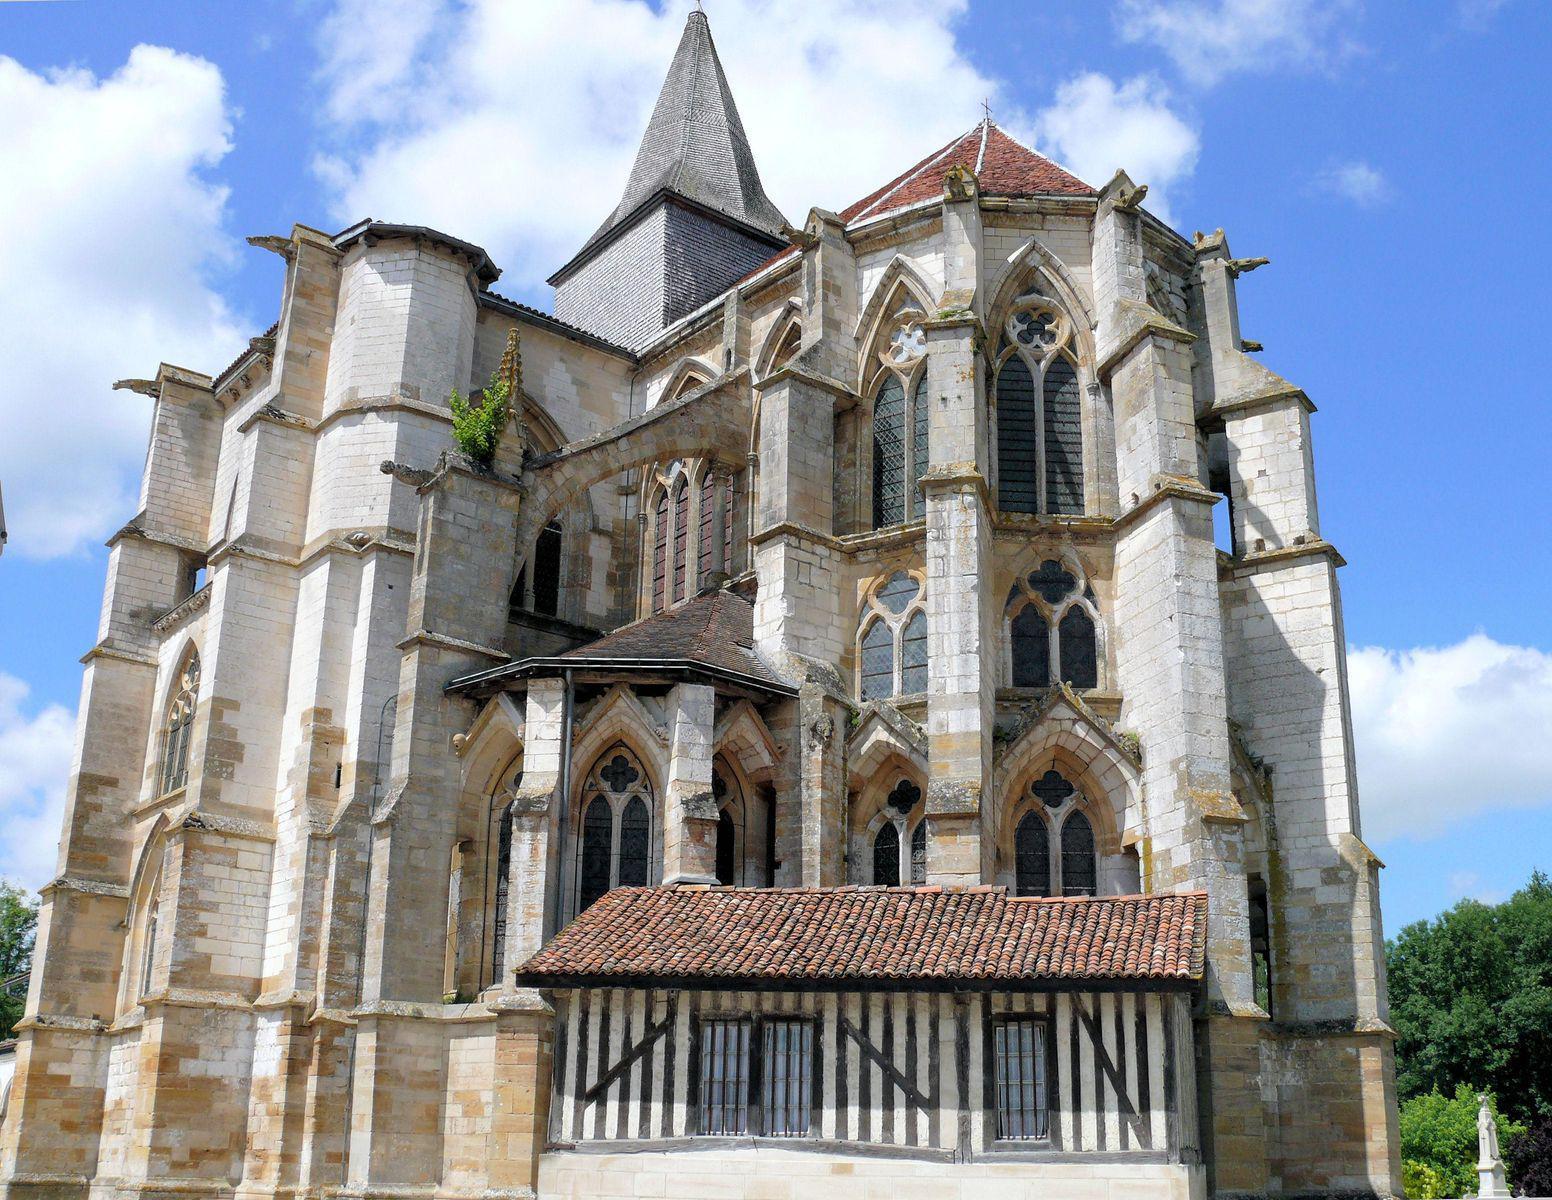 Saint-Amand-sur-Fion